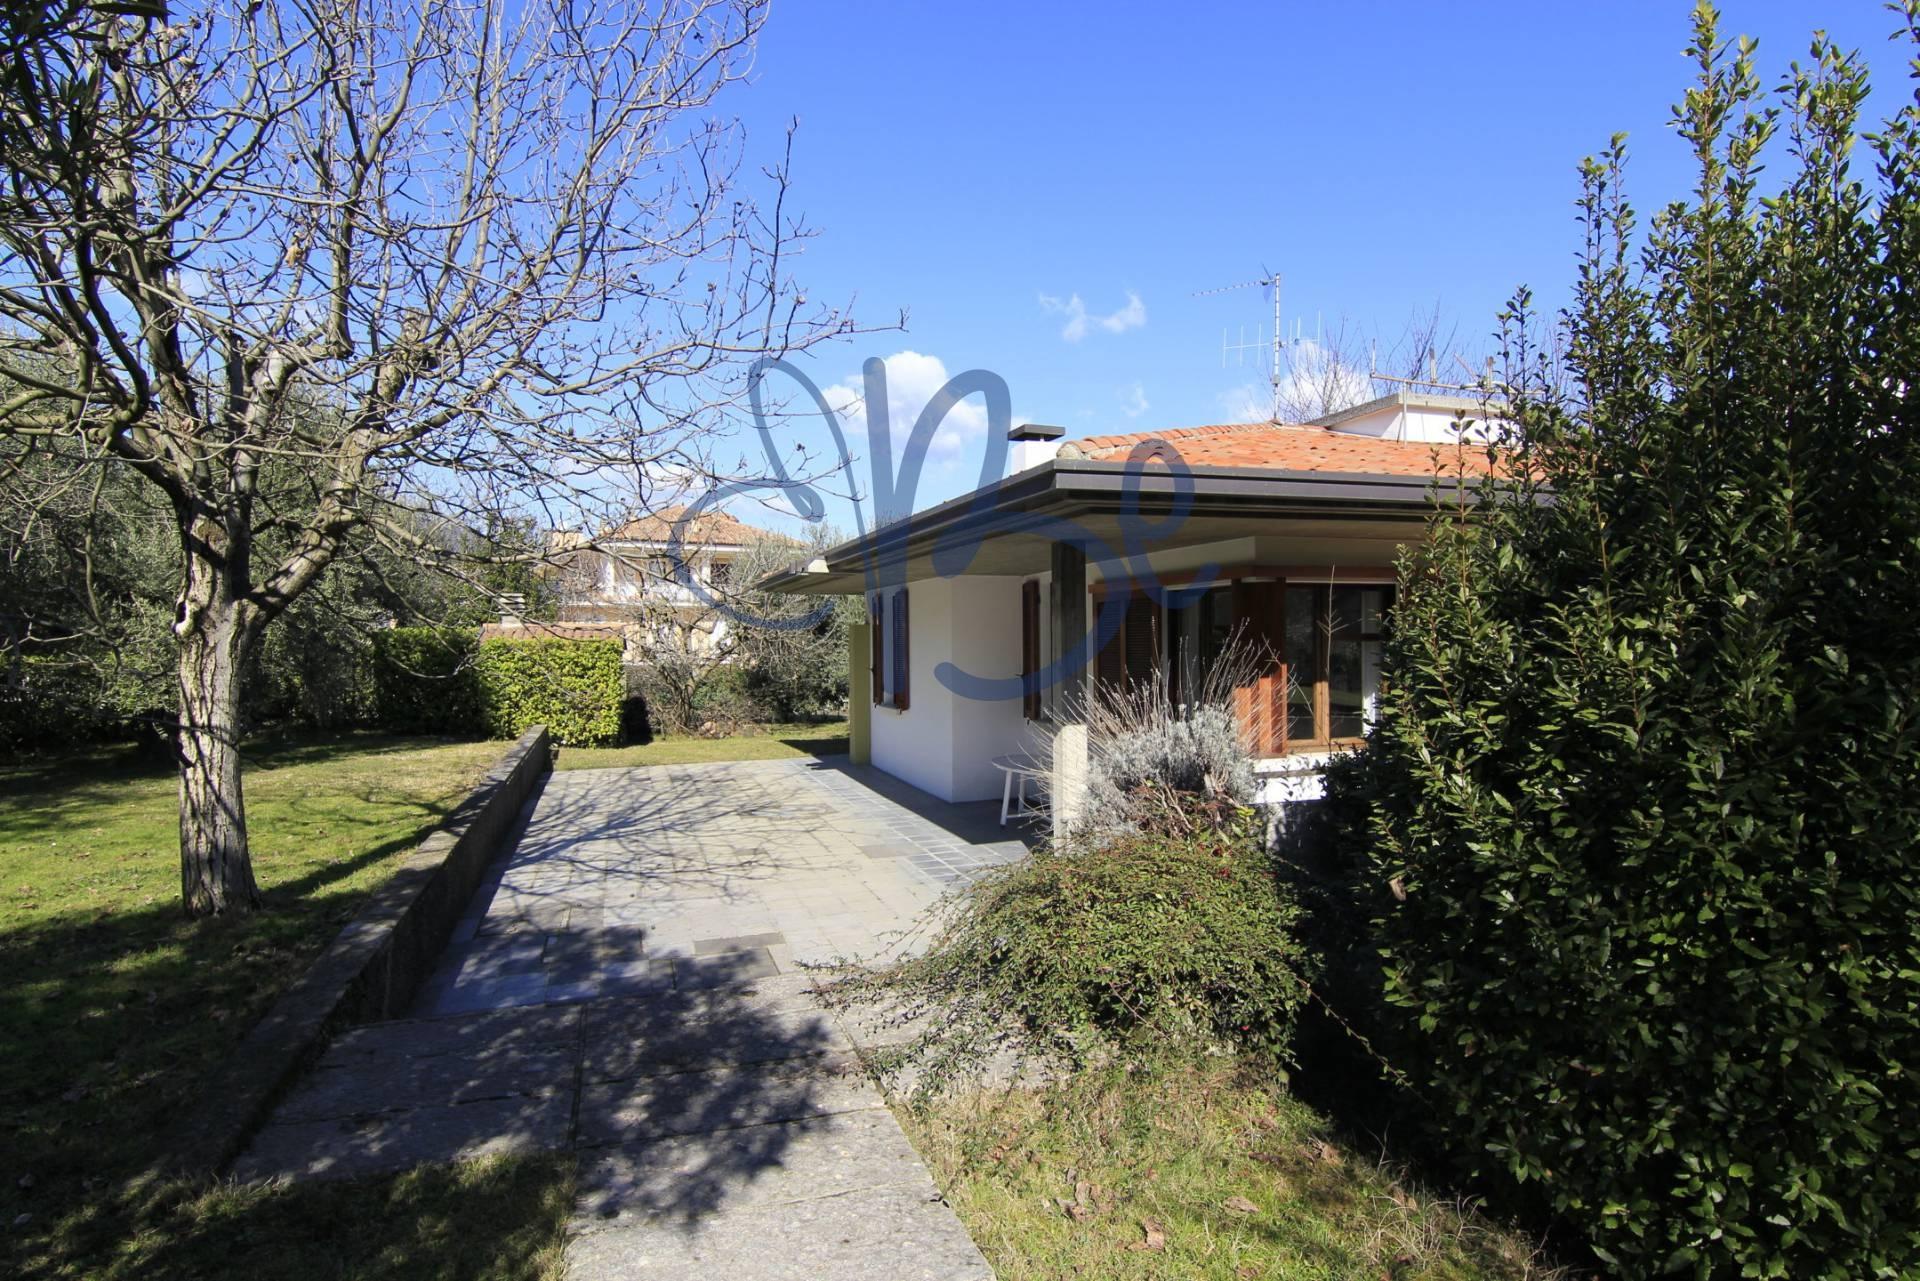 Villa in vendita a Salò, 8 locali, prezzo € 840.000   Cambio Casa.it